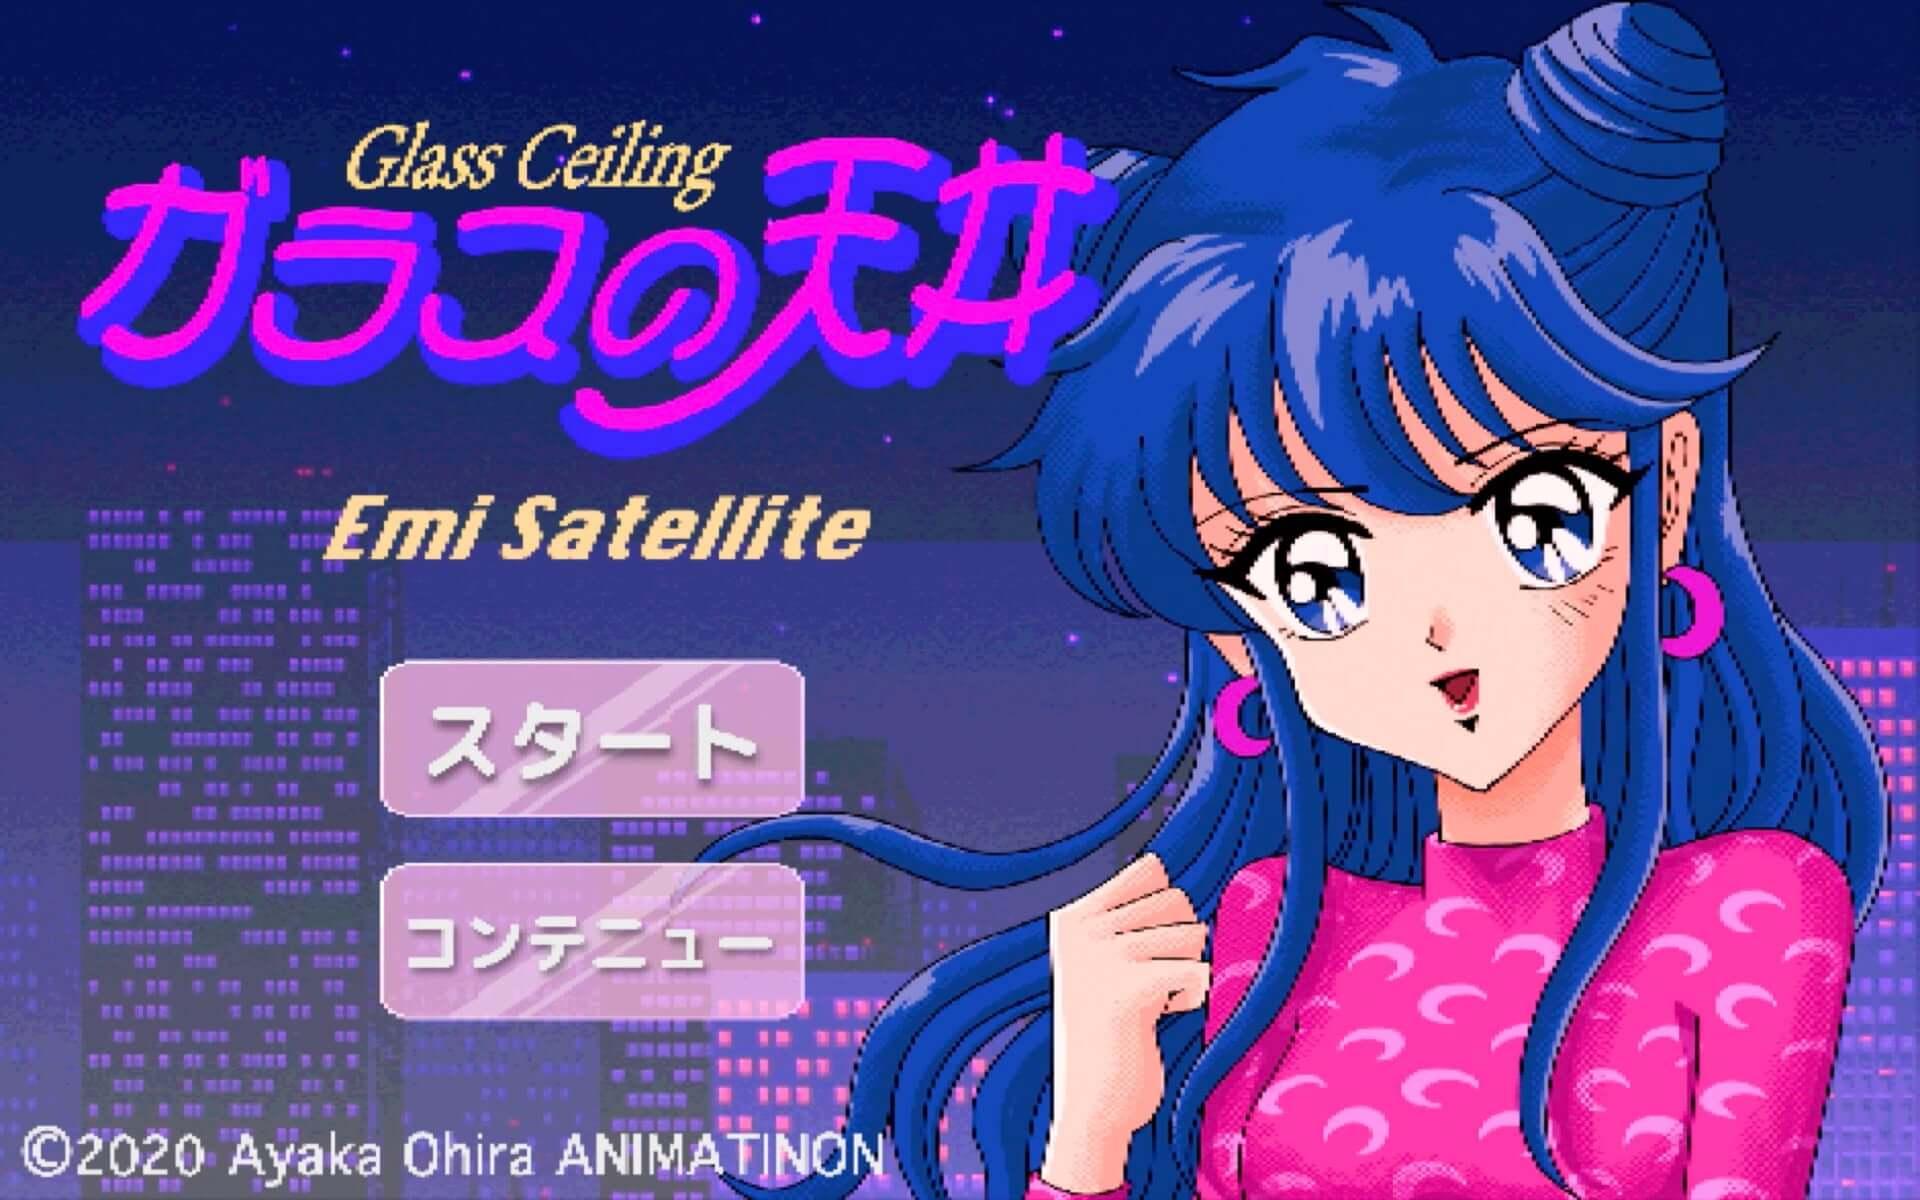 """草野絵美がEmi Satellite名義初のソロシングル""""Glass Ceiling""""をリリース!「ギャルゲー」をオマージュした大平彩華によるMVも公開 music201014_emi-satellite_1-1920x1200"""